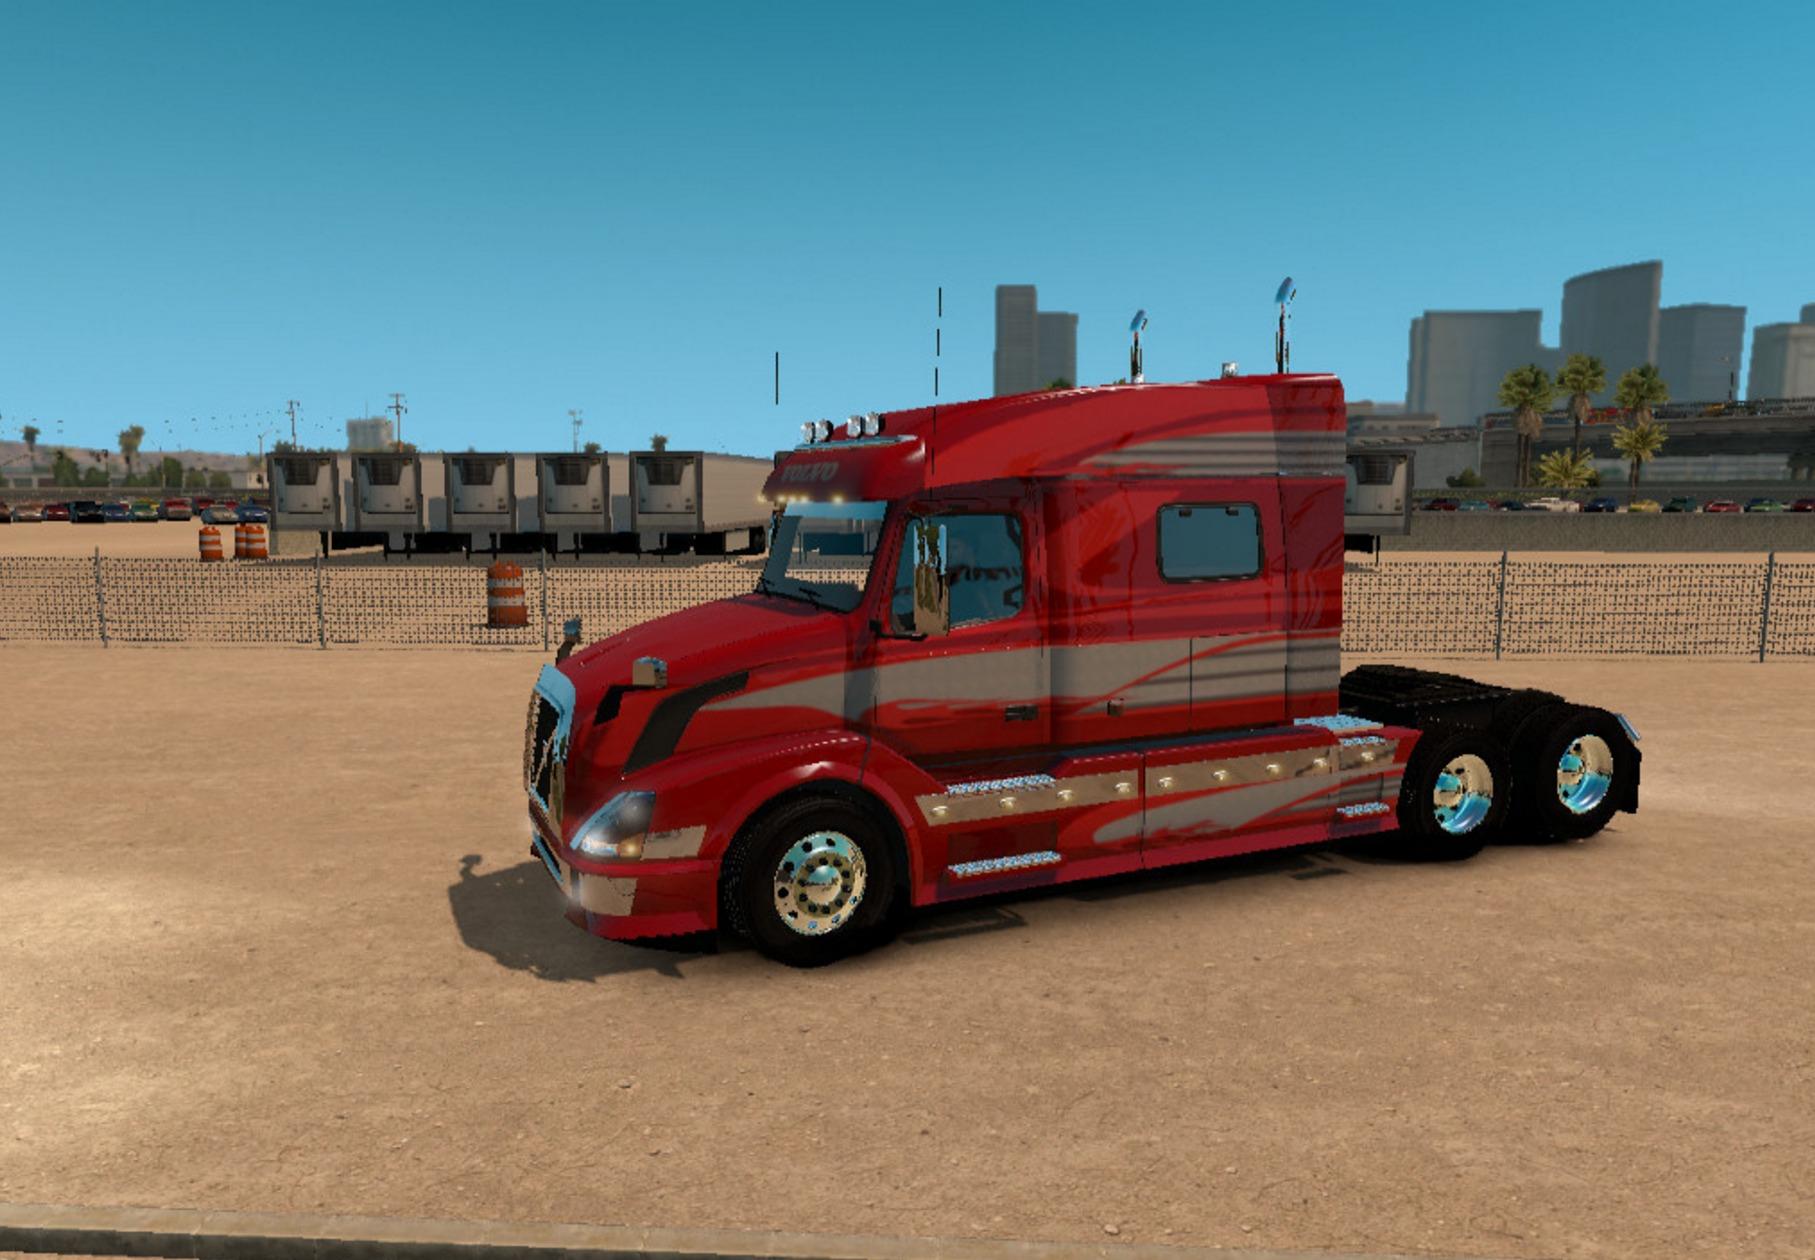 Volvo VNL 730 Red Fantasy for VNL Truck Shop Skin - ATS ...